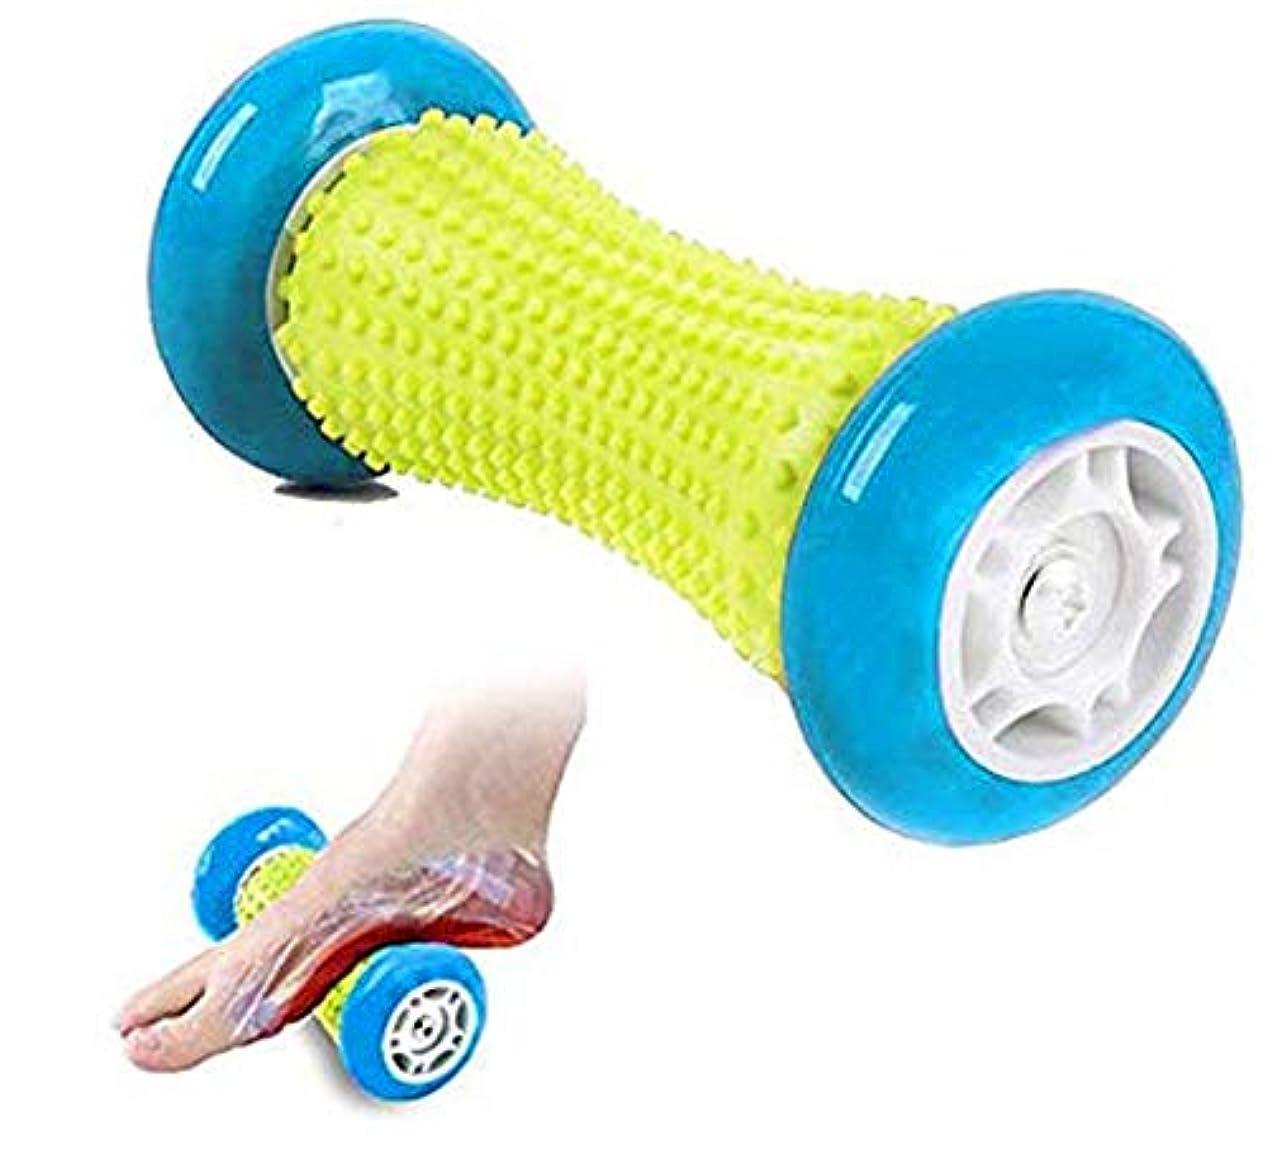 めんどりに対応する探すフットマッサージローラースパイキーボールは足底筋膜炎ヒールスパーズ足のアーチの痛みディープ?ティッシュ?指圧リフレクソロジーを和らげるマッサージ痛み筋ノットをリラックス (Color : ライトブルー)